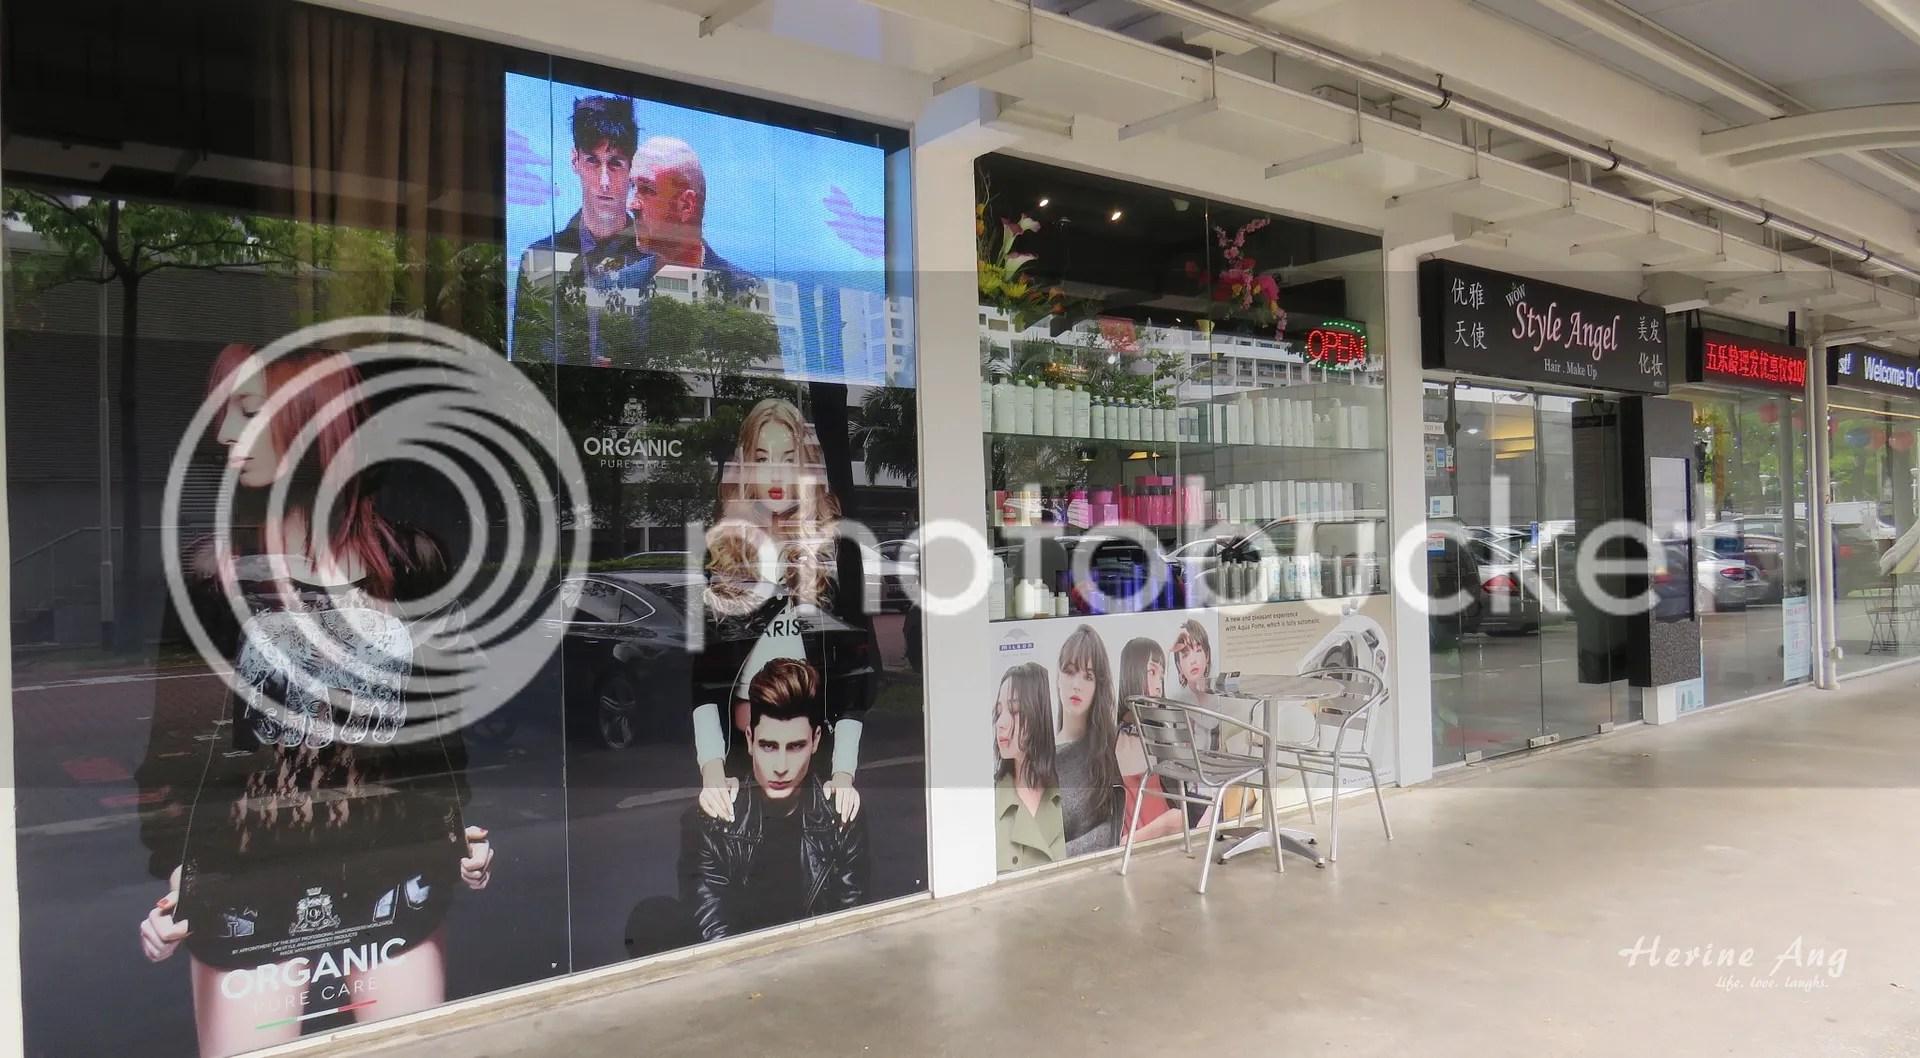 photo shop front_zpsnhz8jsy8.jpg